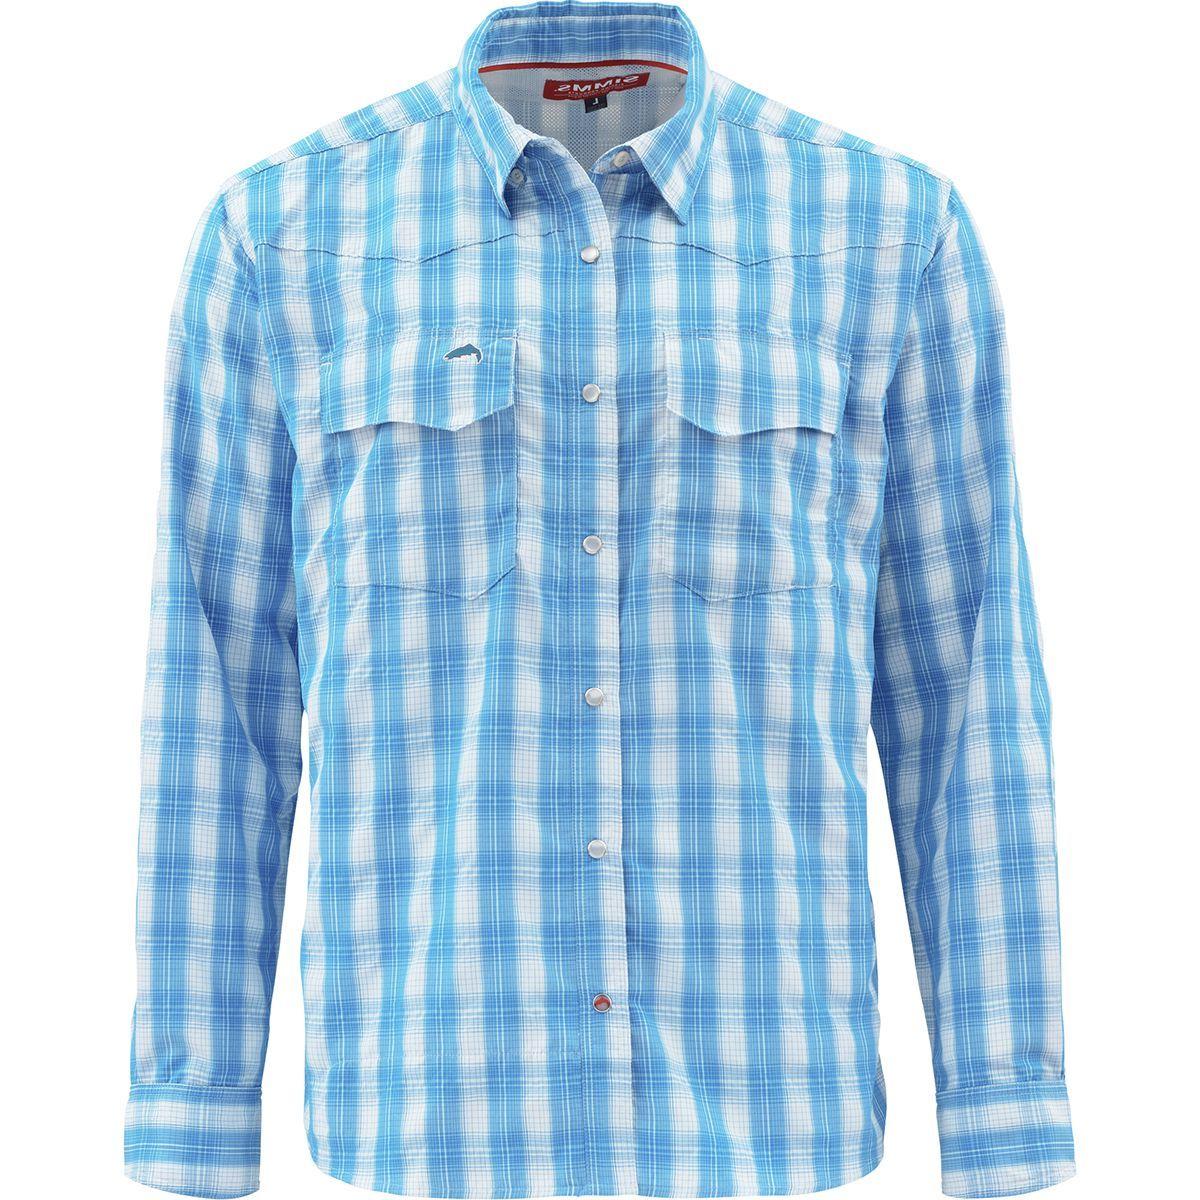 Simms Big Sky Shirt - Men's